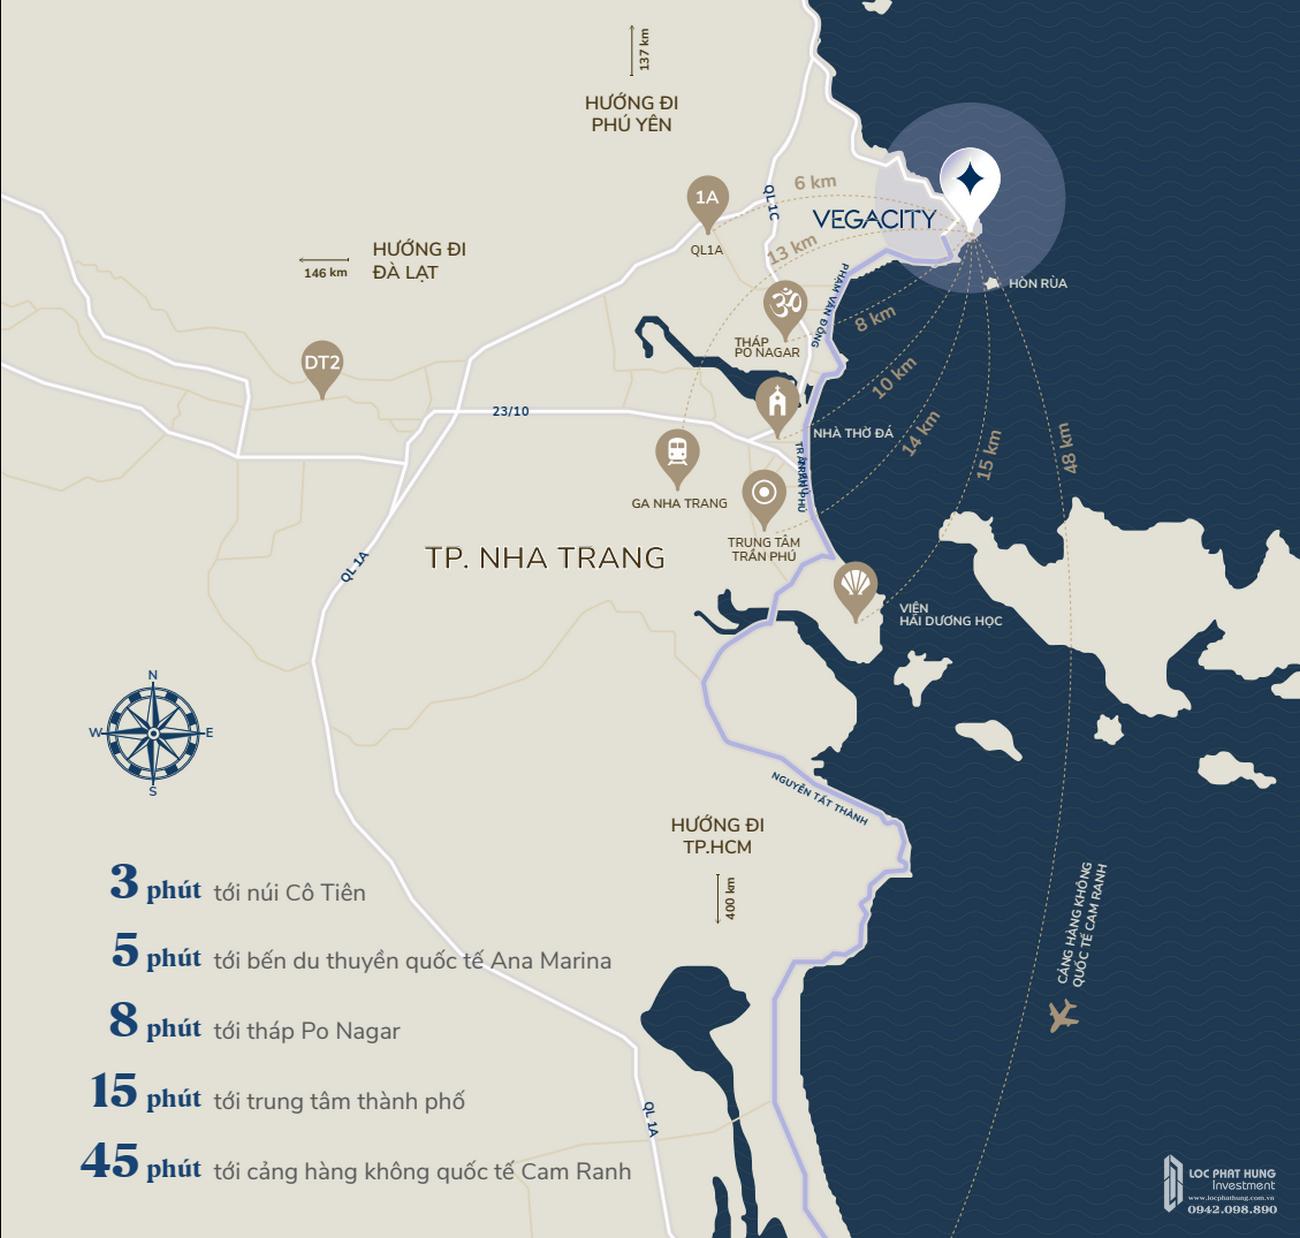 Vị trí dự án Biệt thự, nhà phố Vega City Bãi Tiên Nha Trang chủ đầu tư KDI Holdings